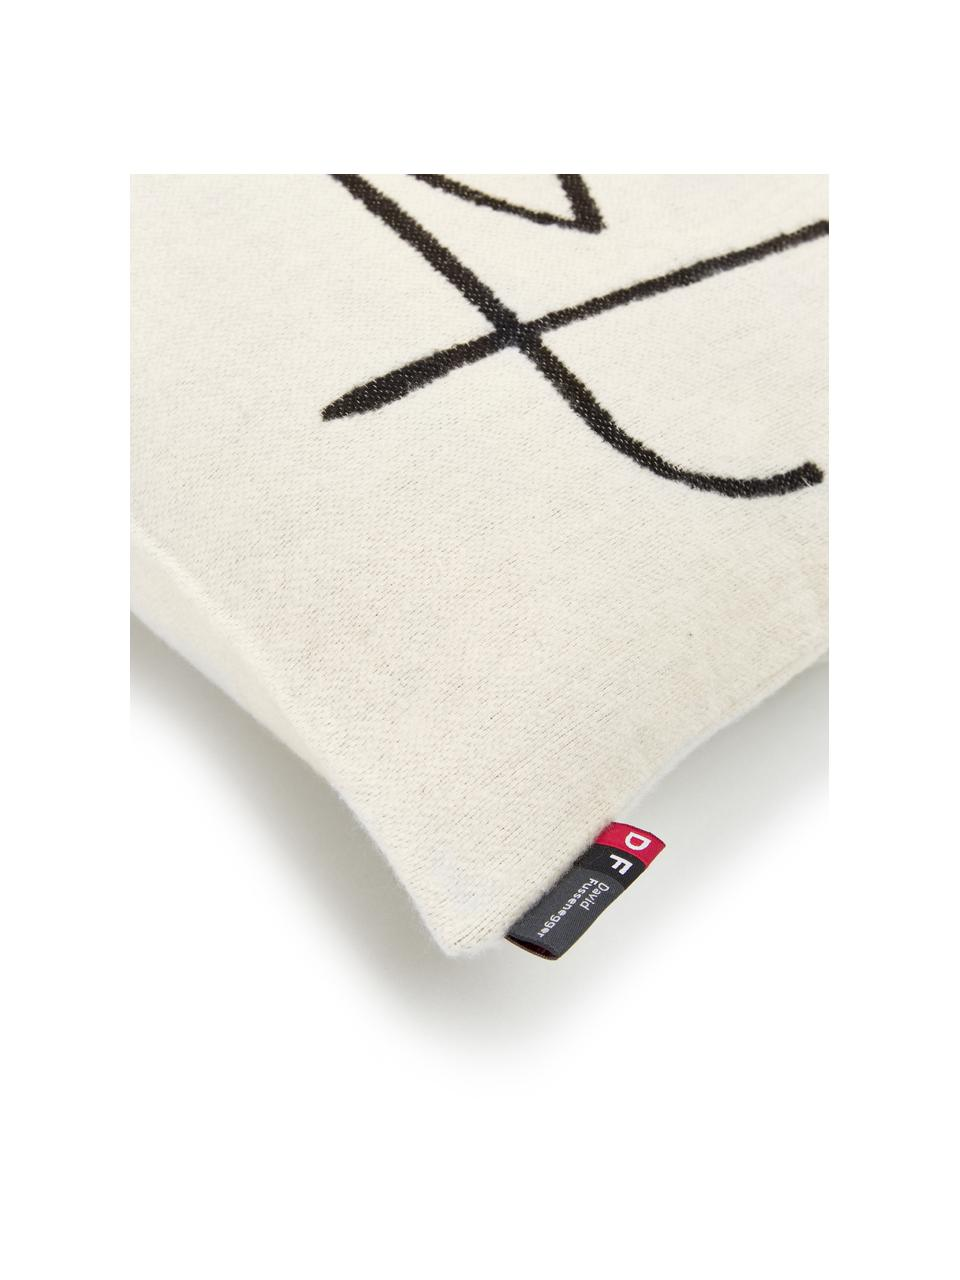 Federa arredo con stampa astratta Nova, Rivestimento: 85% cotone, 8% viscosa, 7, Bianco, nero, Larg. 50 x Lung. 50 cm